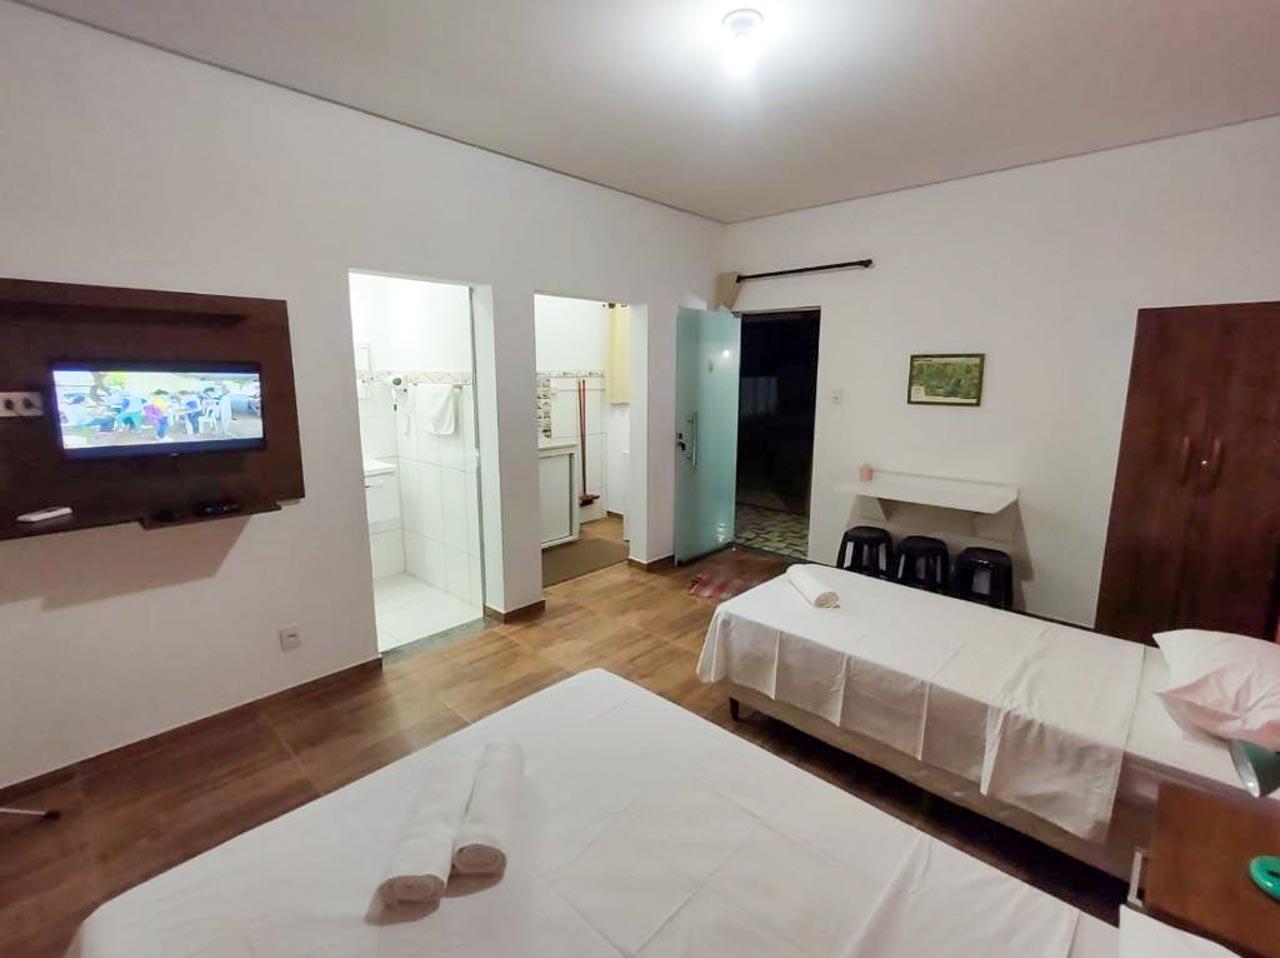 Flat Pinheirinho: uma opção de hospedagem barata e no centro de Capitólio.